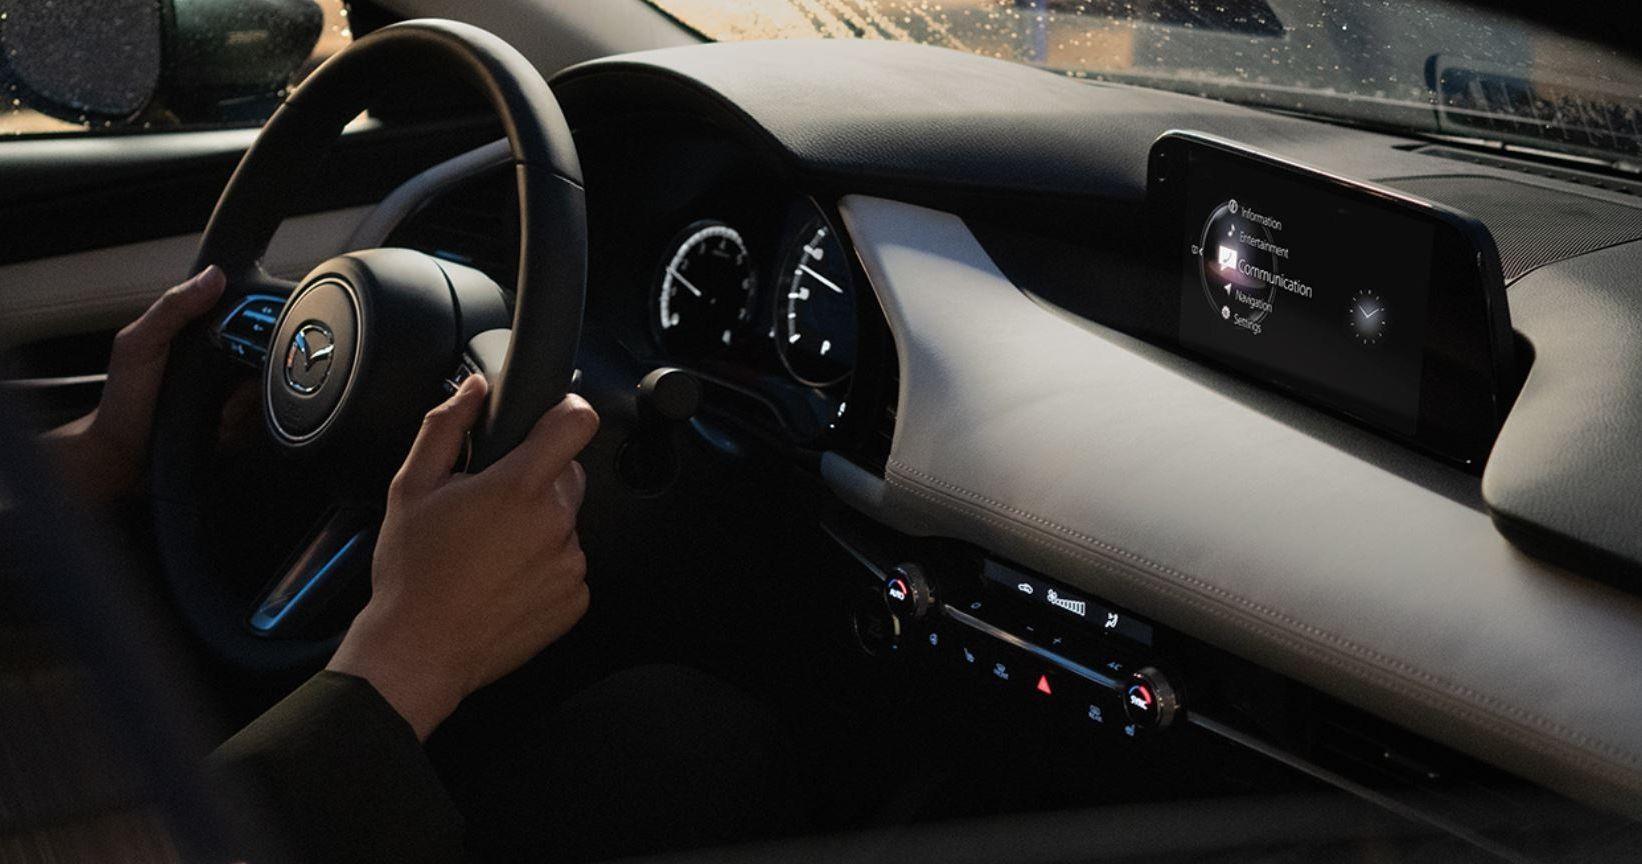 2019 Mazda3 Sedan Dashboard